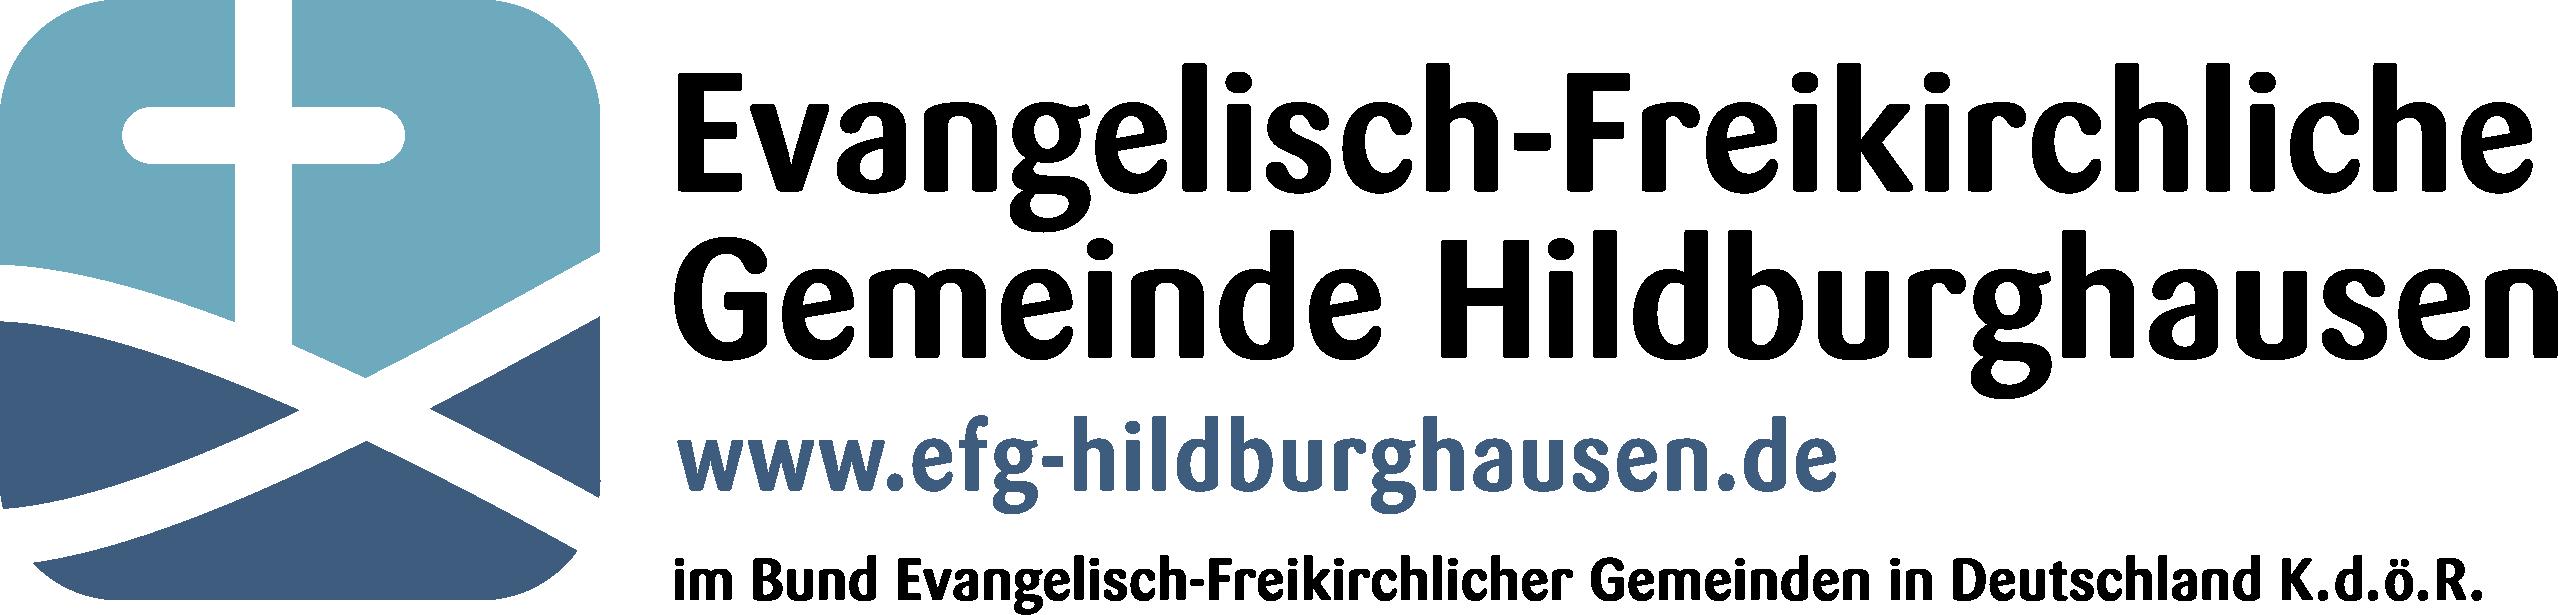 Evangelisch-freikirchliche Gemeinde Hildburghausen